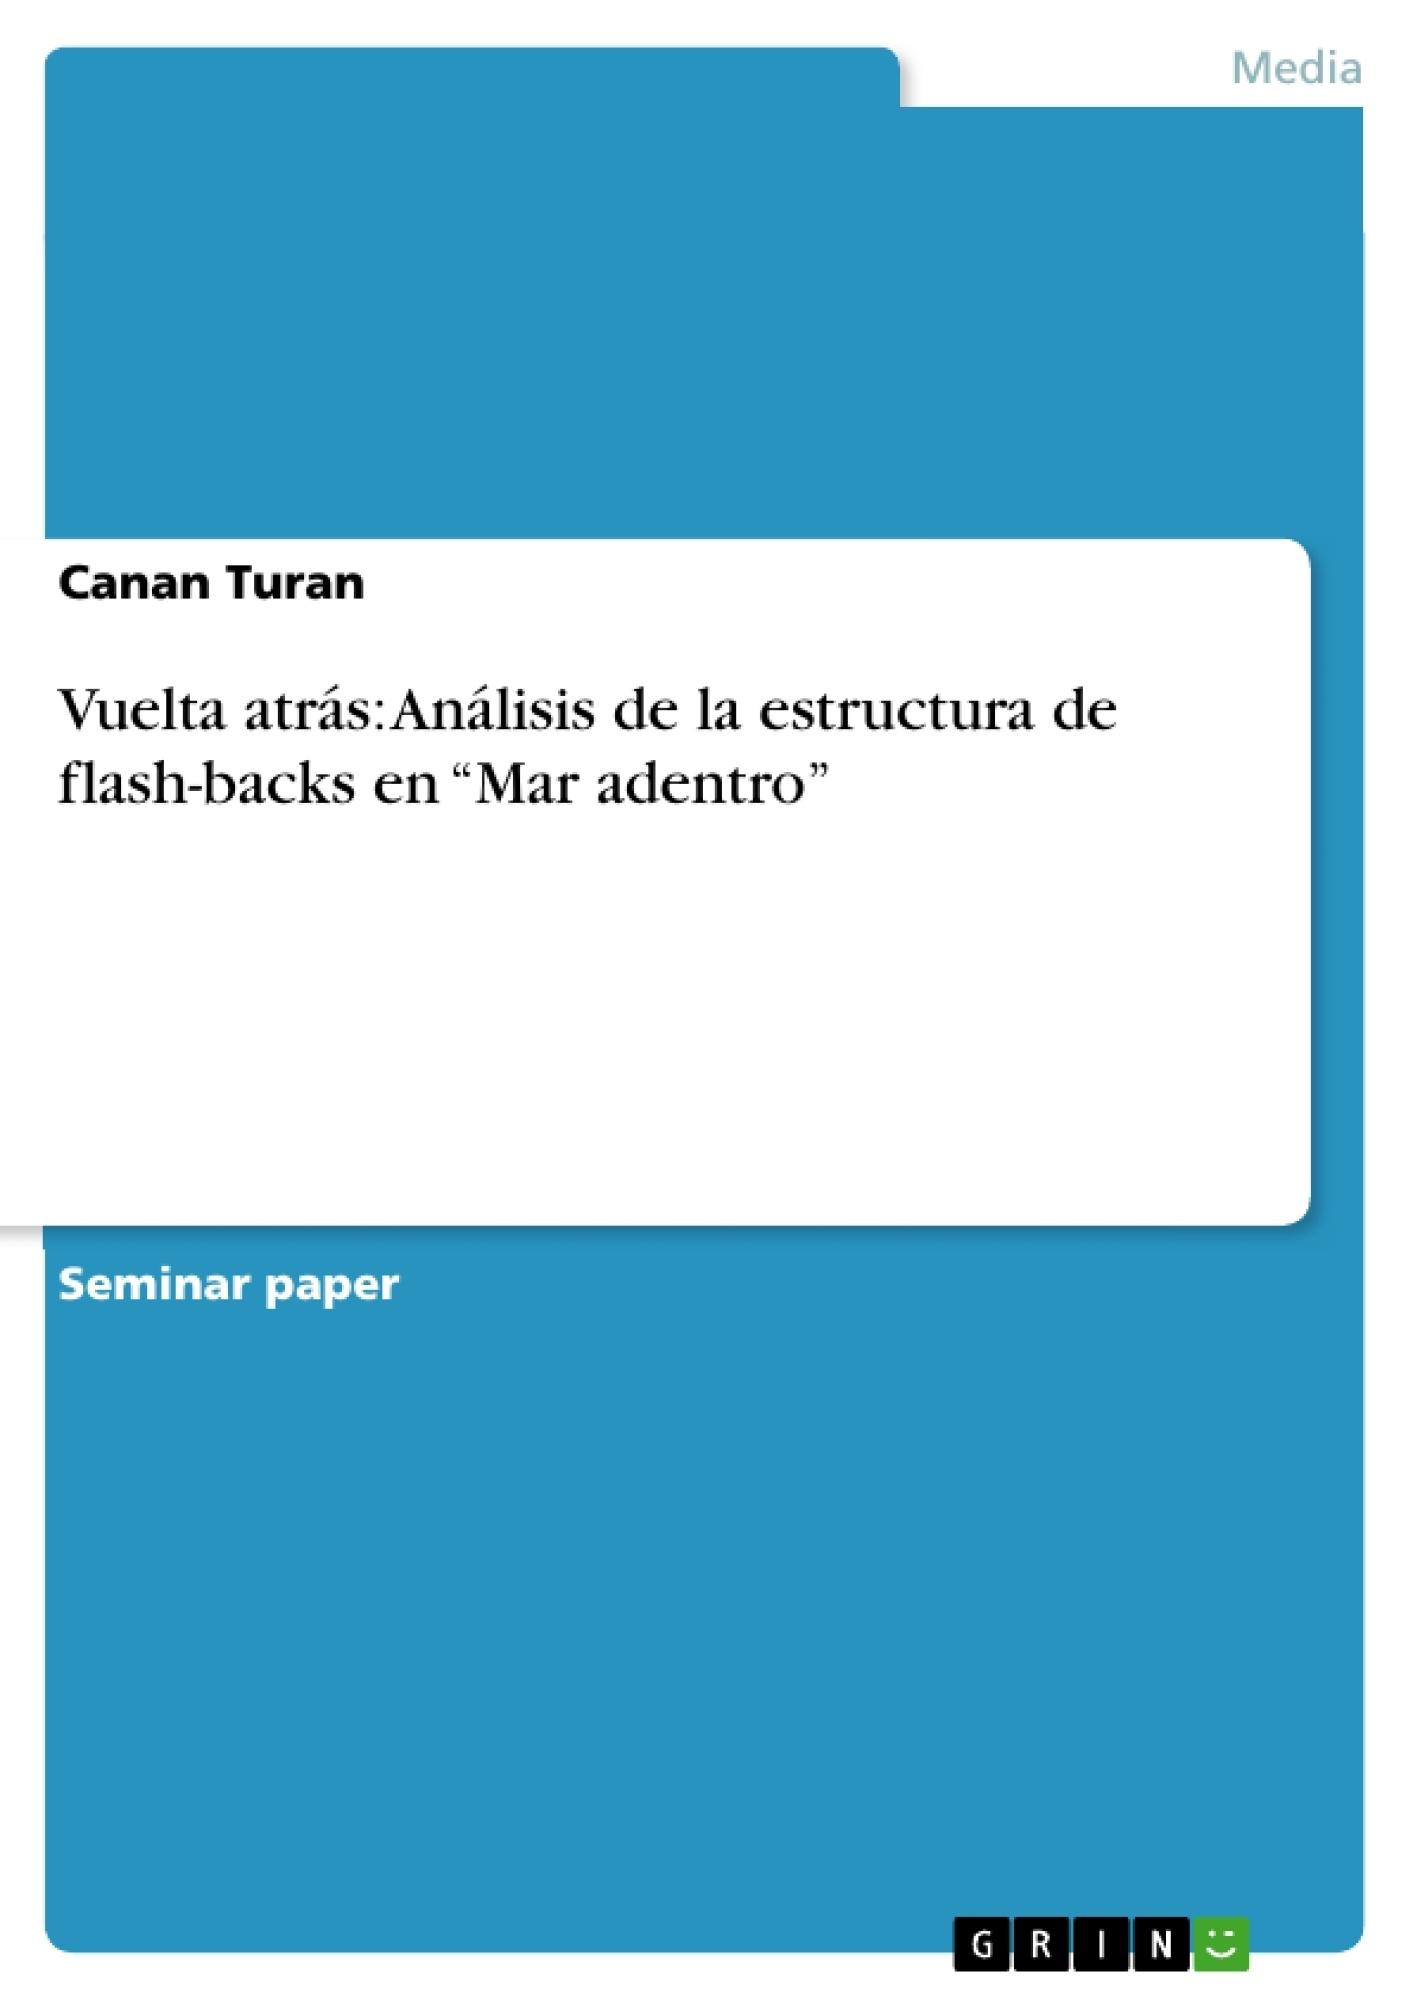 """Título: Vuelta atrás: Análisis de la estructura de flash-backs en """"Mar adentro"""""""